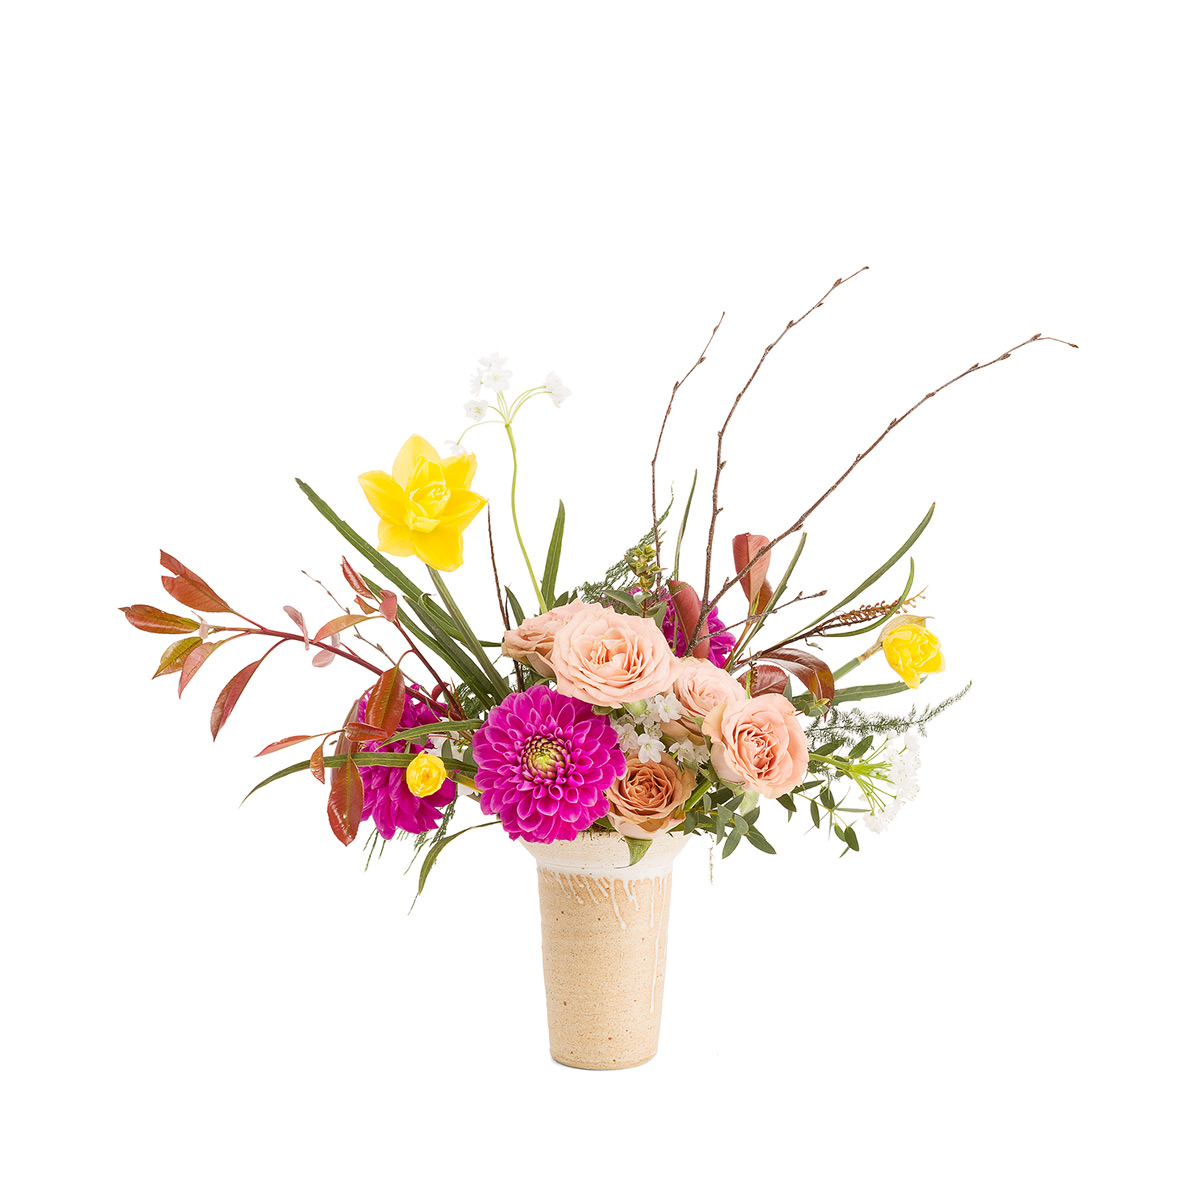 Bouquet & Pot 75€